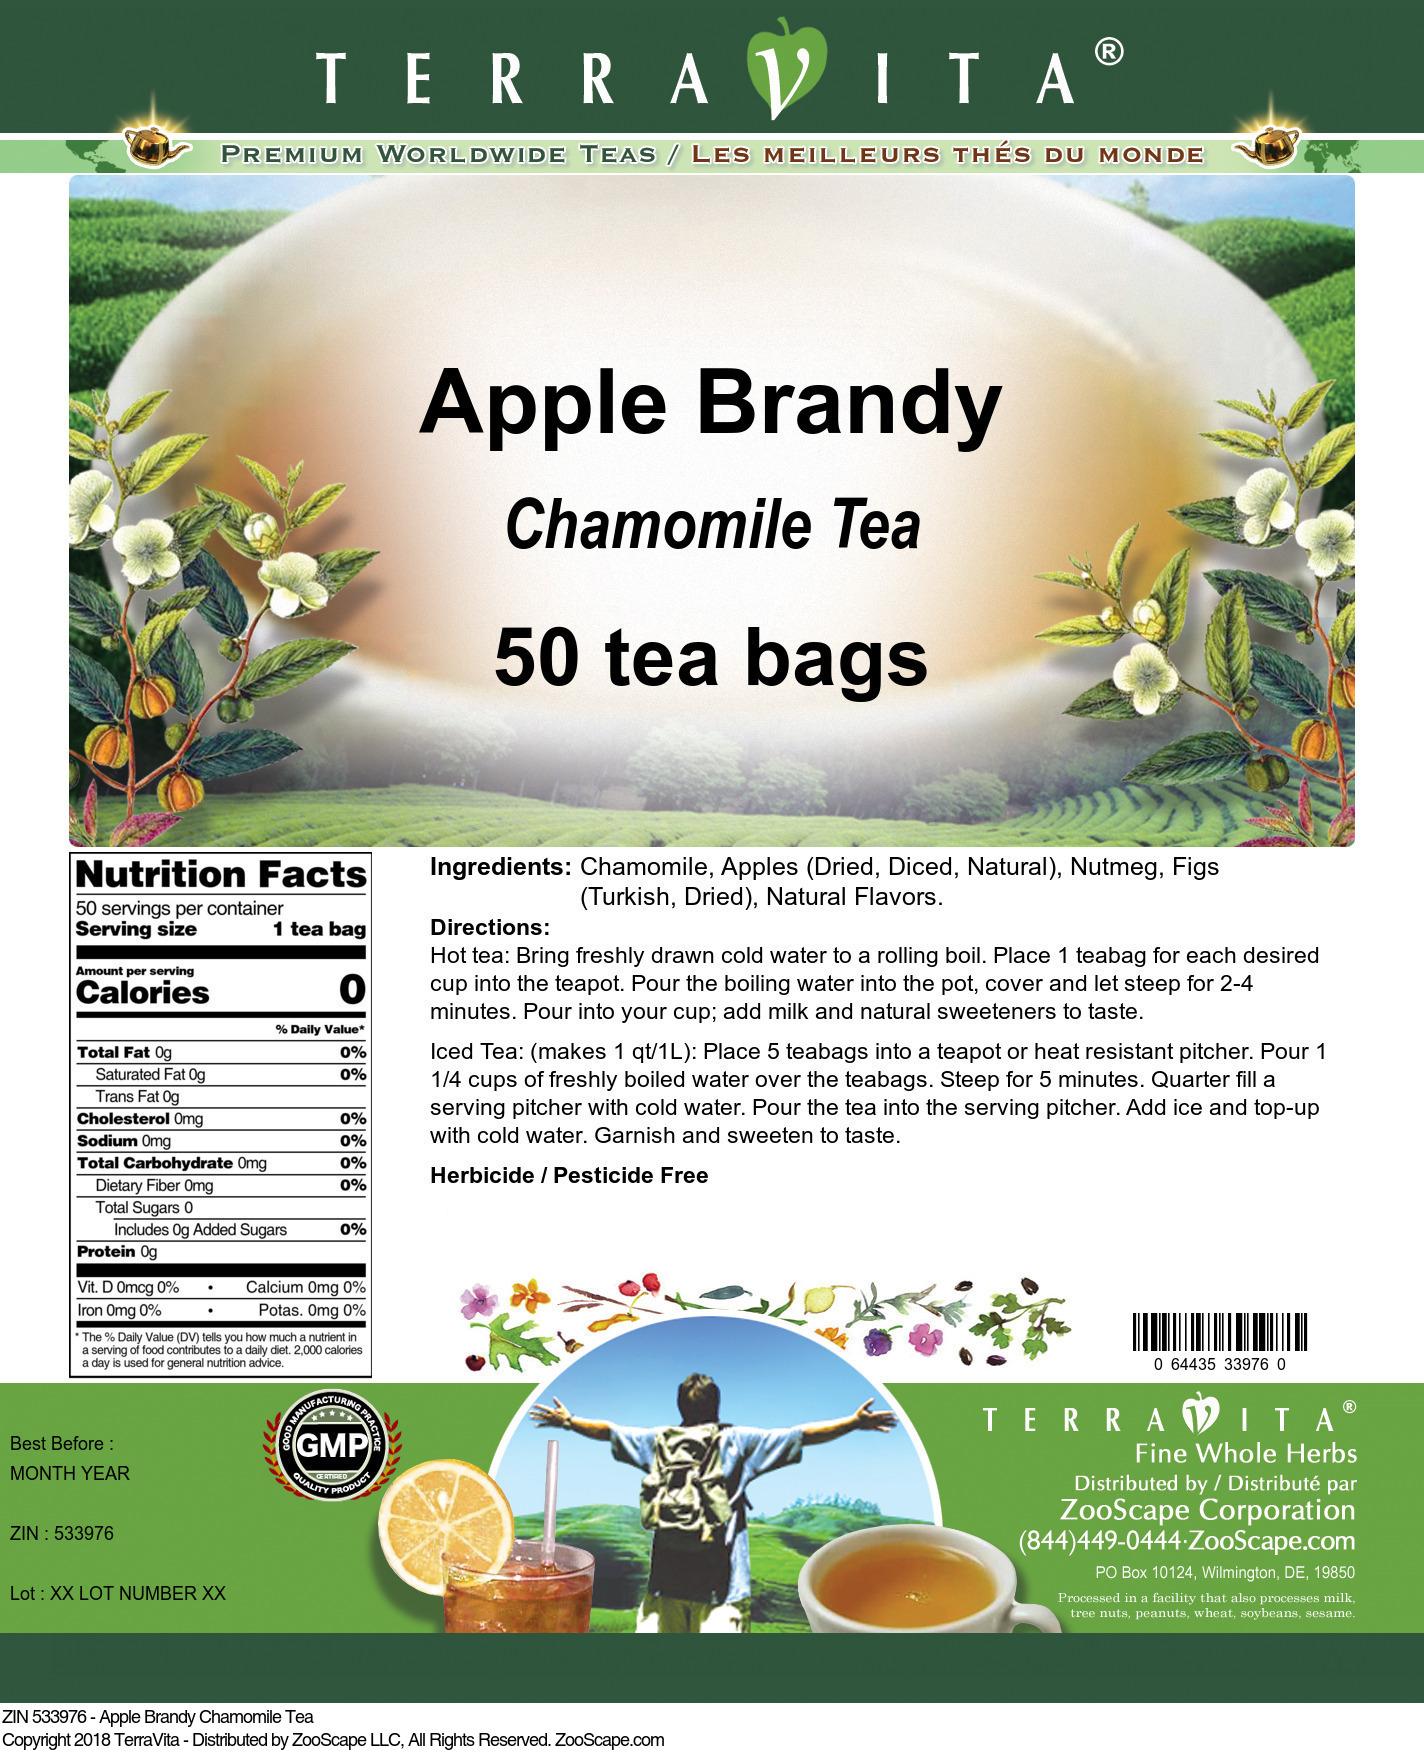 Apple Brandy Chamomile Tea